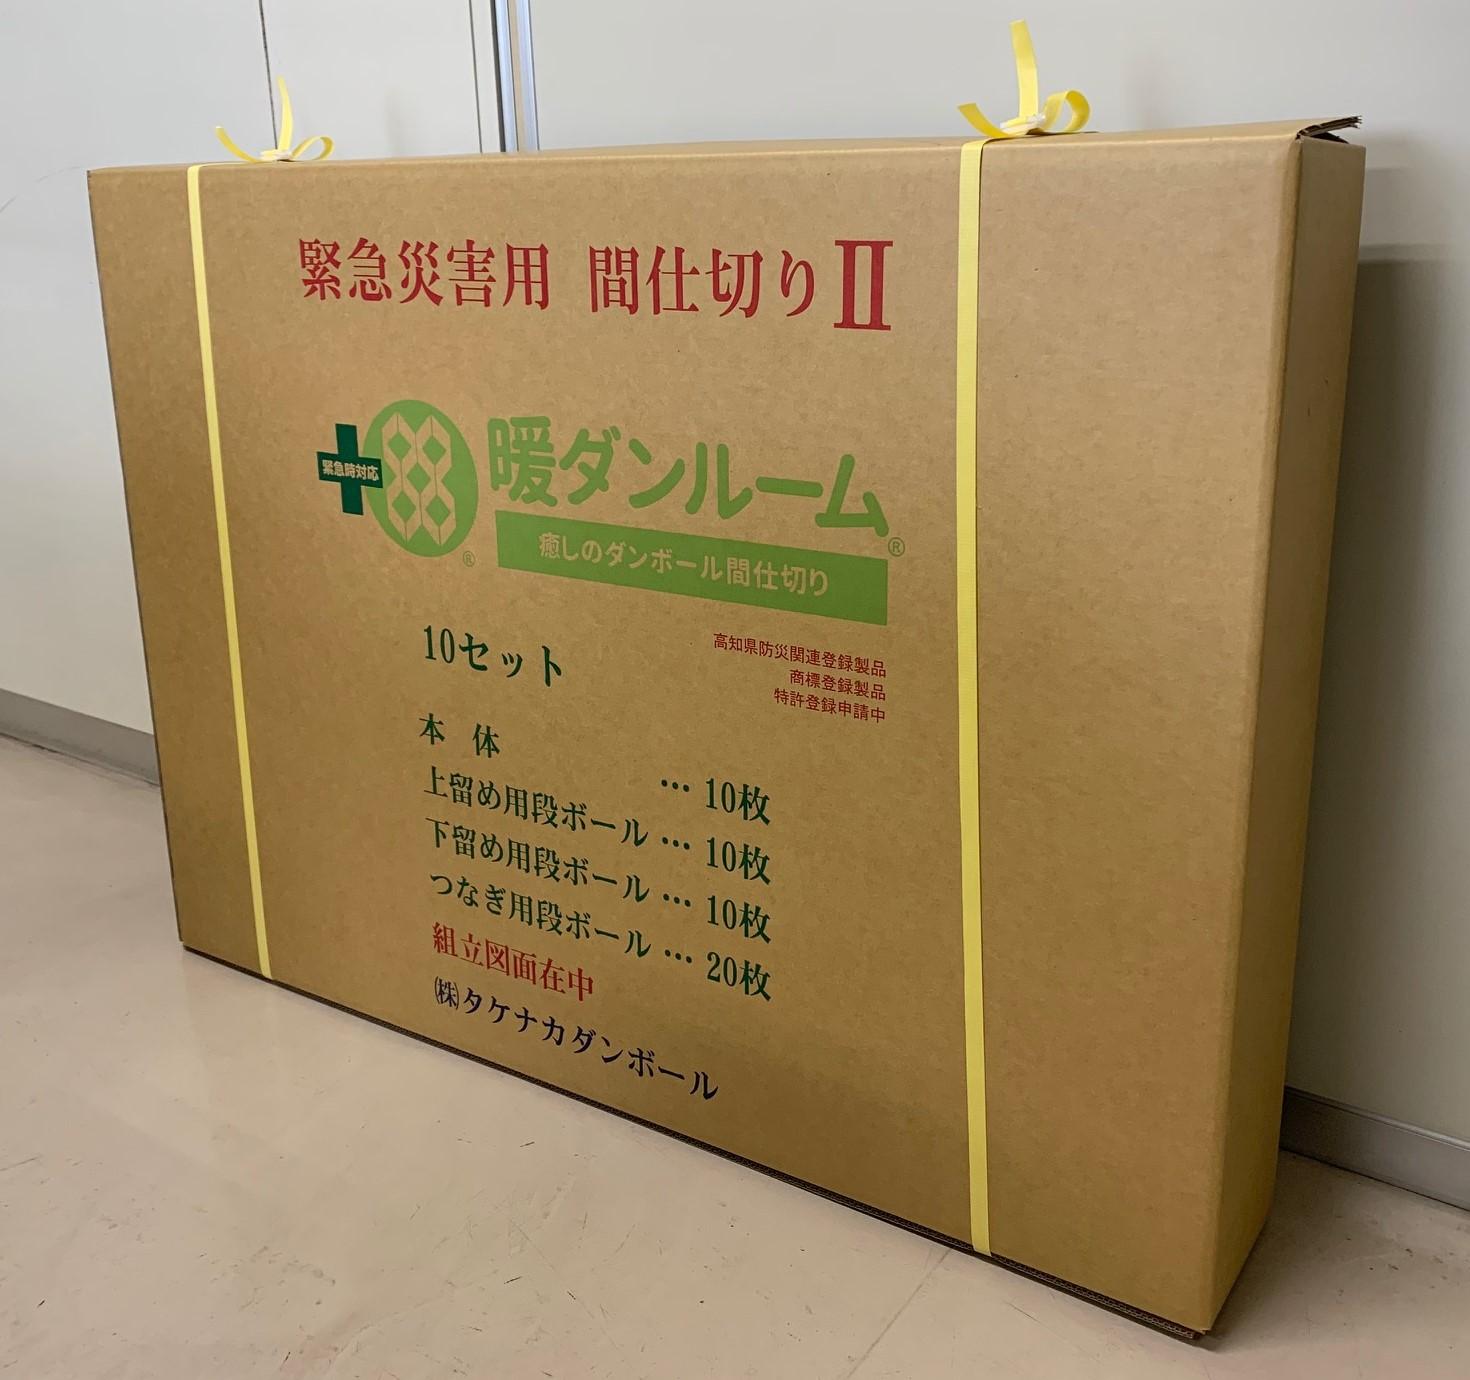 暖ダンルーム 間仕切り� <間仕切り10枚分>(工具不要!)